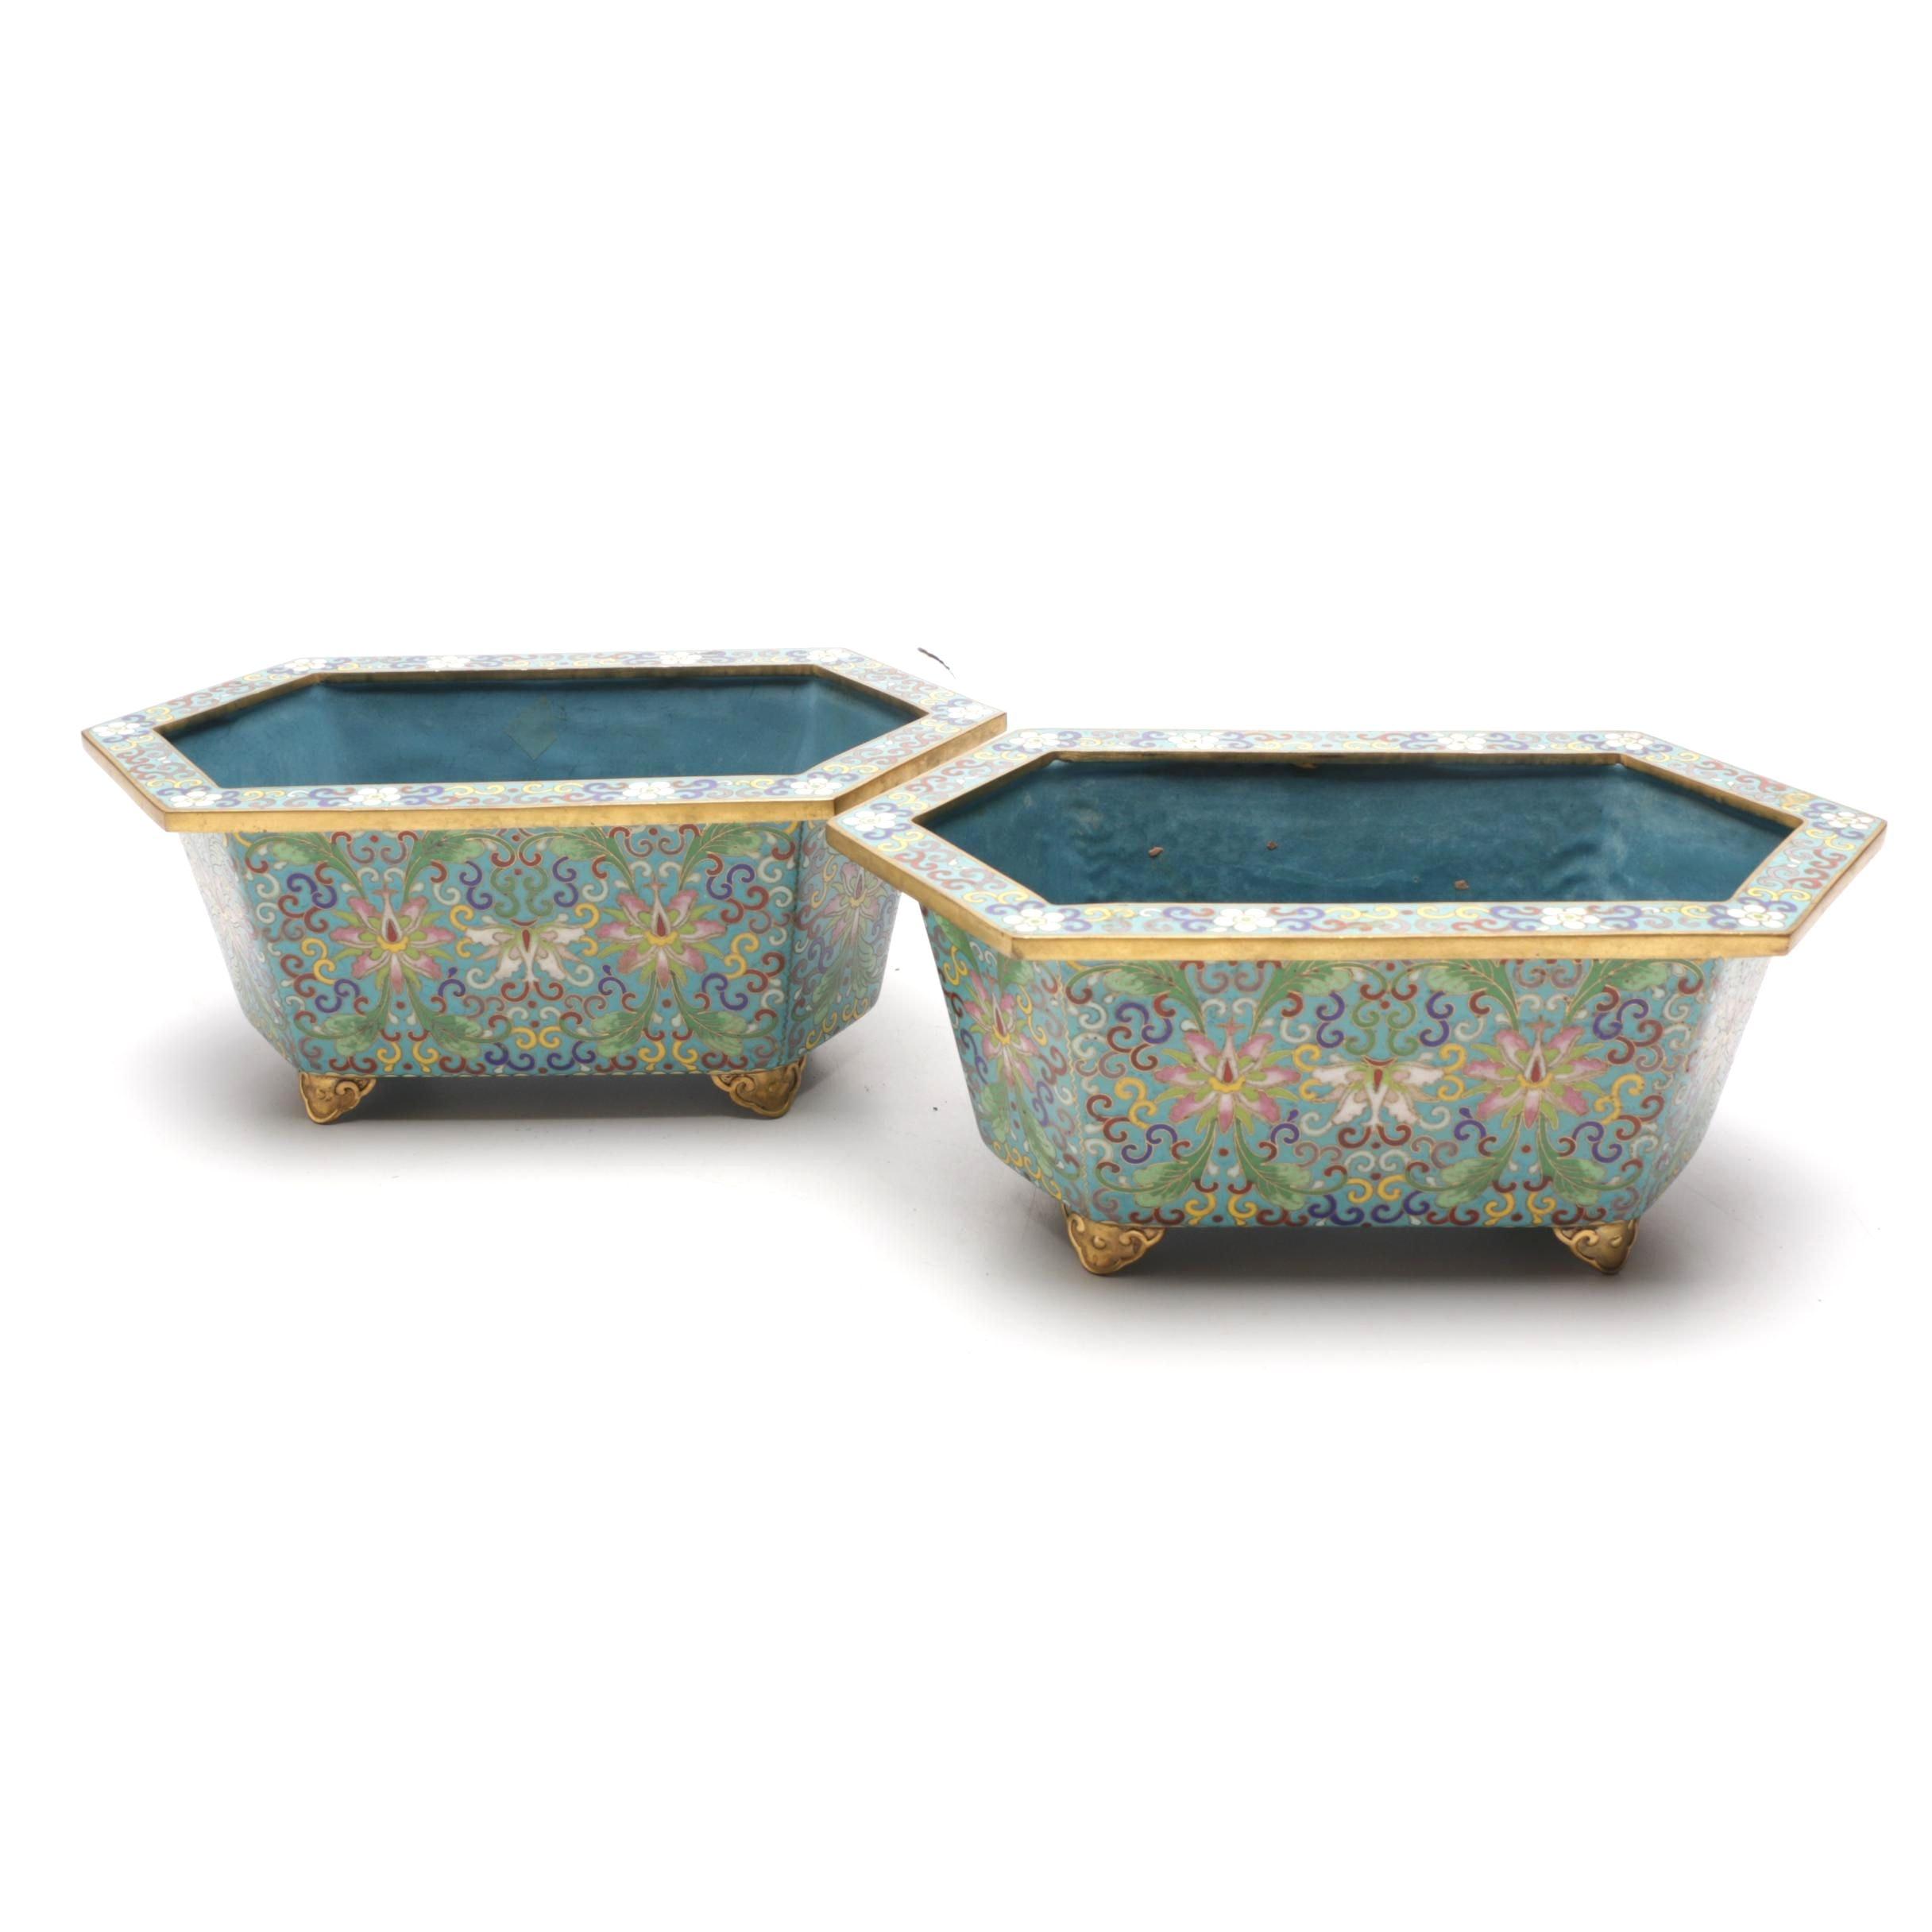 Chinese Cloisonné Ceramic Jardinières